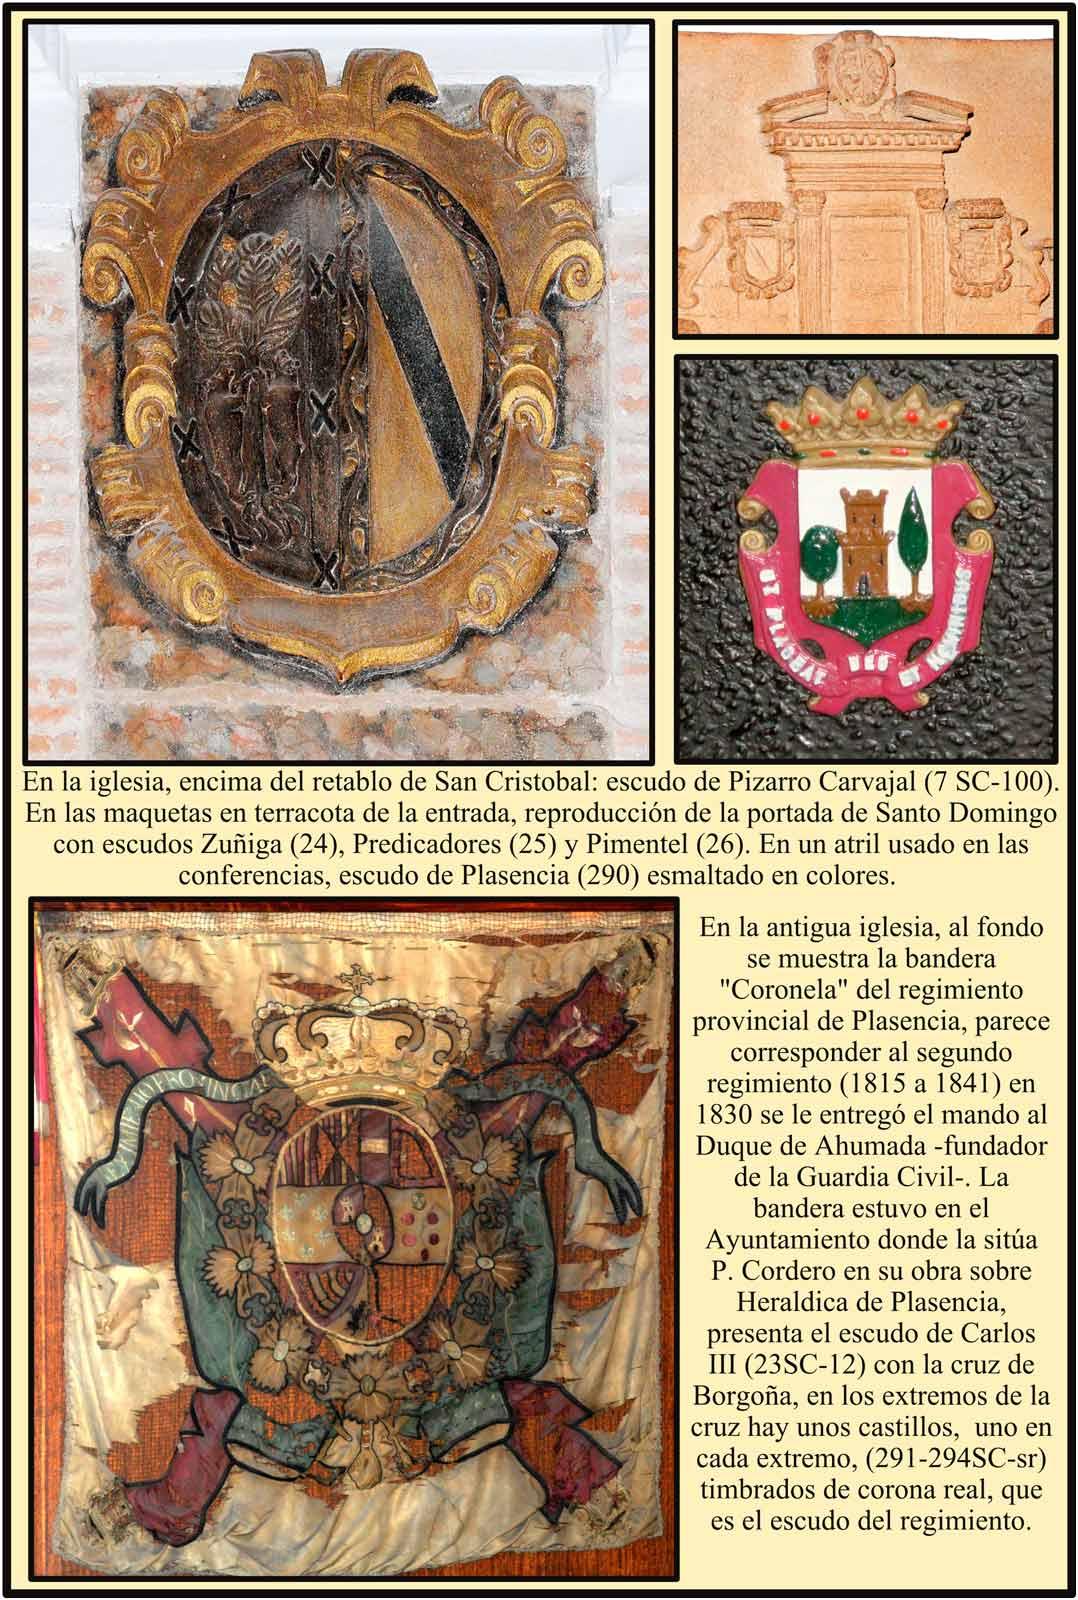 Escudo Pizarro Carvajal Bandera Coronela regimiento Plasencia